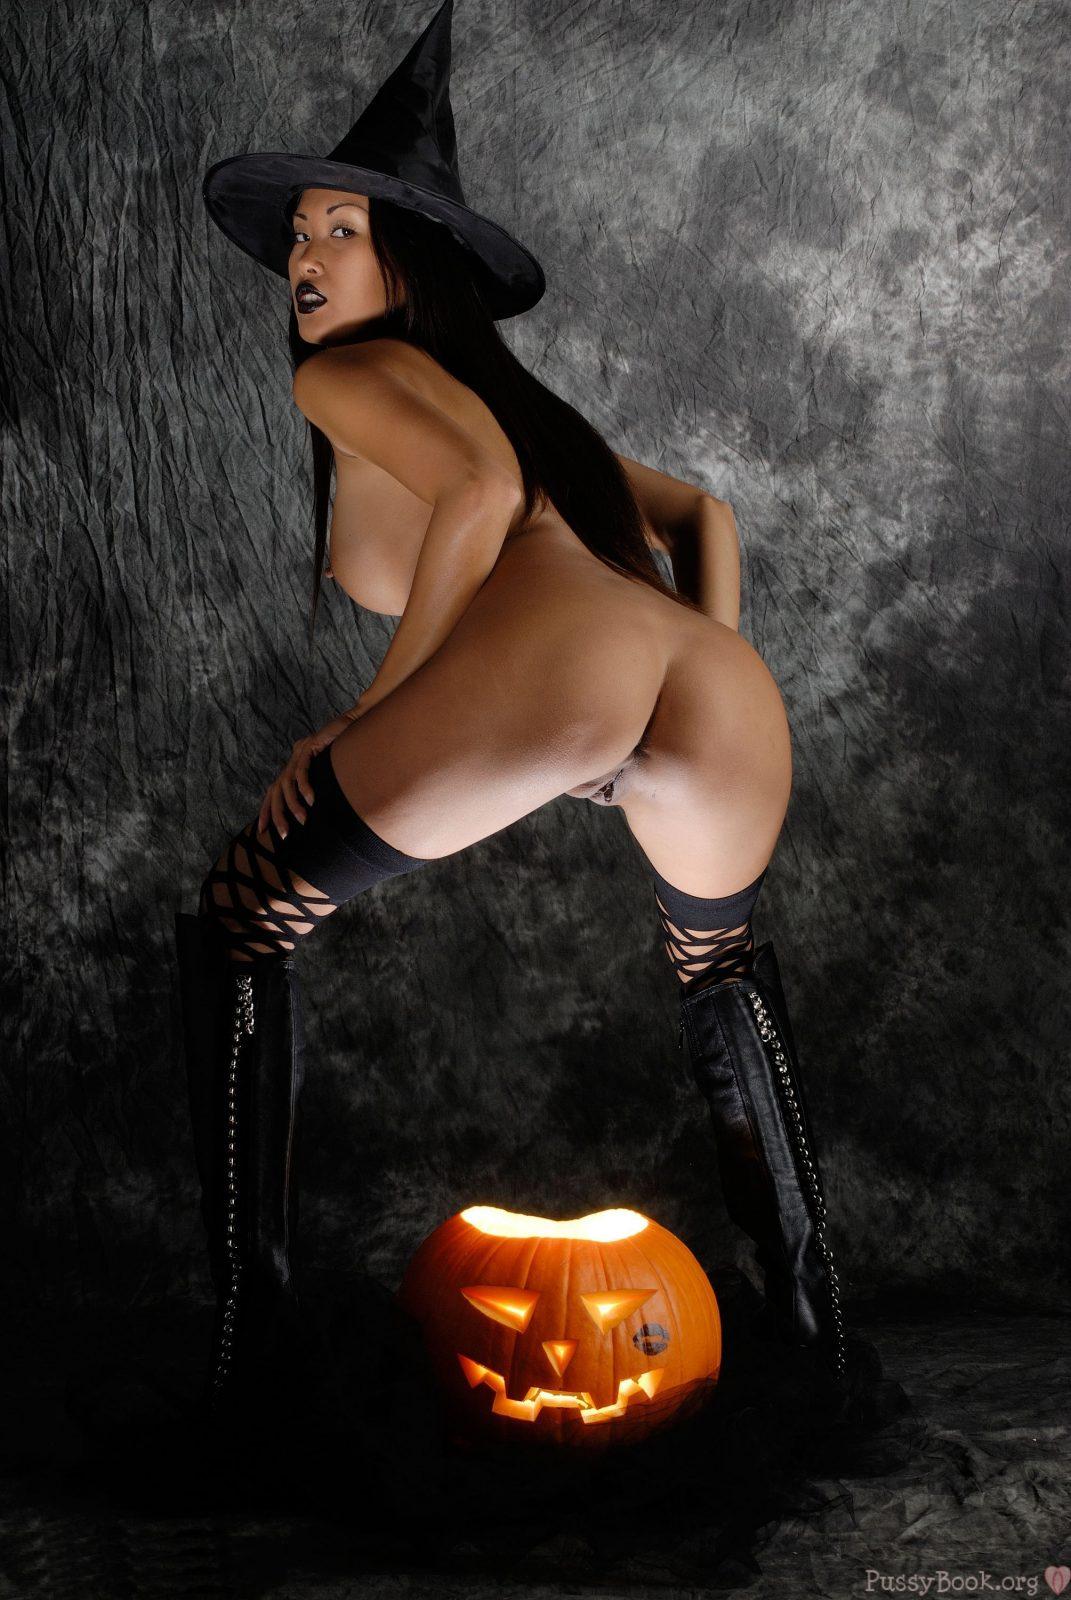 Halloween bodypaint nude brunette